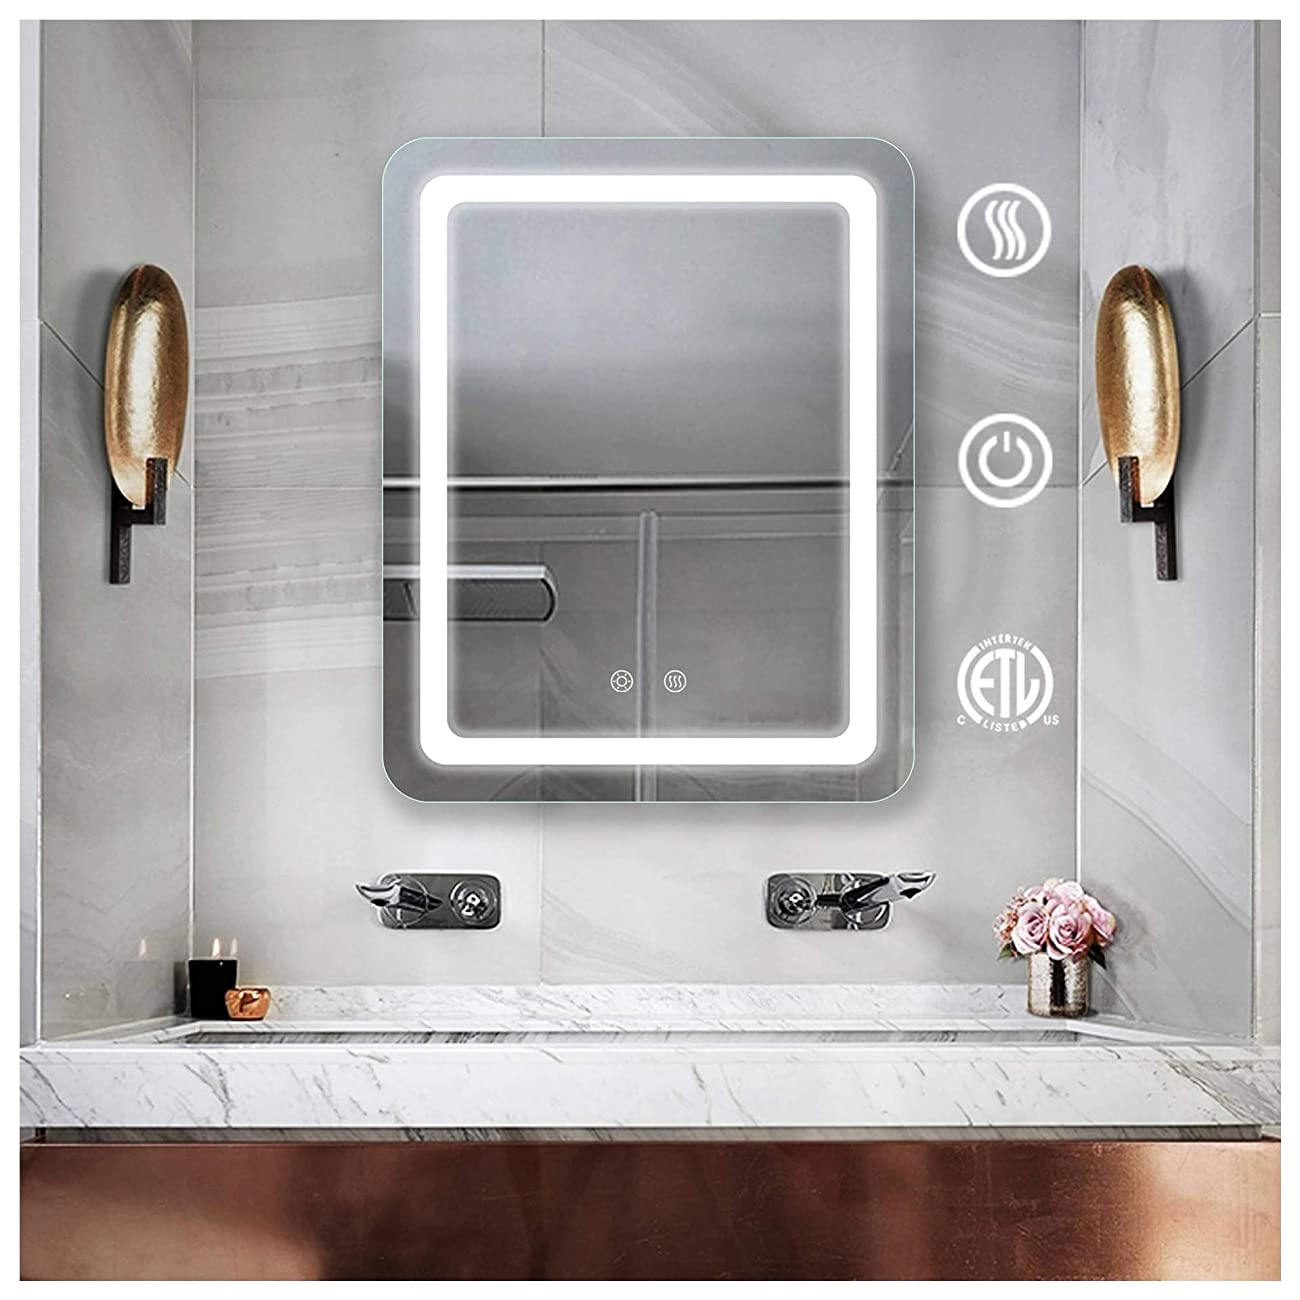 弱めるパブ偶然の28 x 36インチのつけられた浴室ミラーの壁に取り付けられた虚栄心の浴室のフレームレスバックライトを当てられた壁ミラーの反霧の接触長方形の構造ミラー